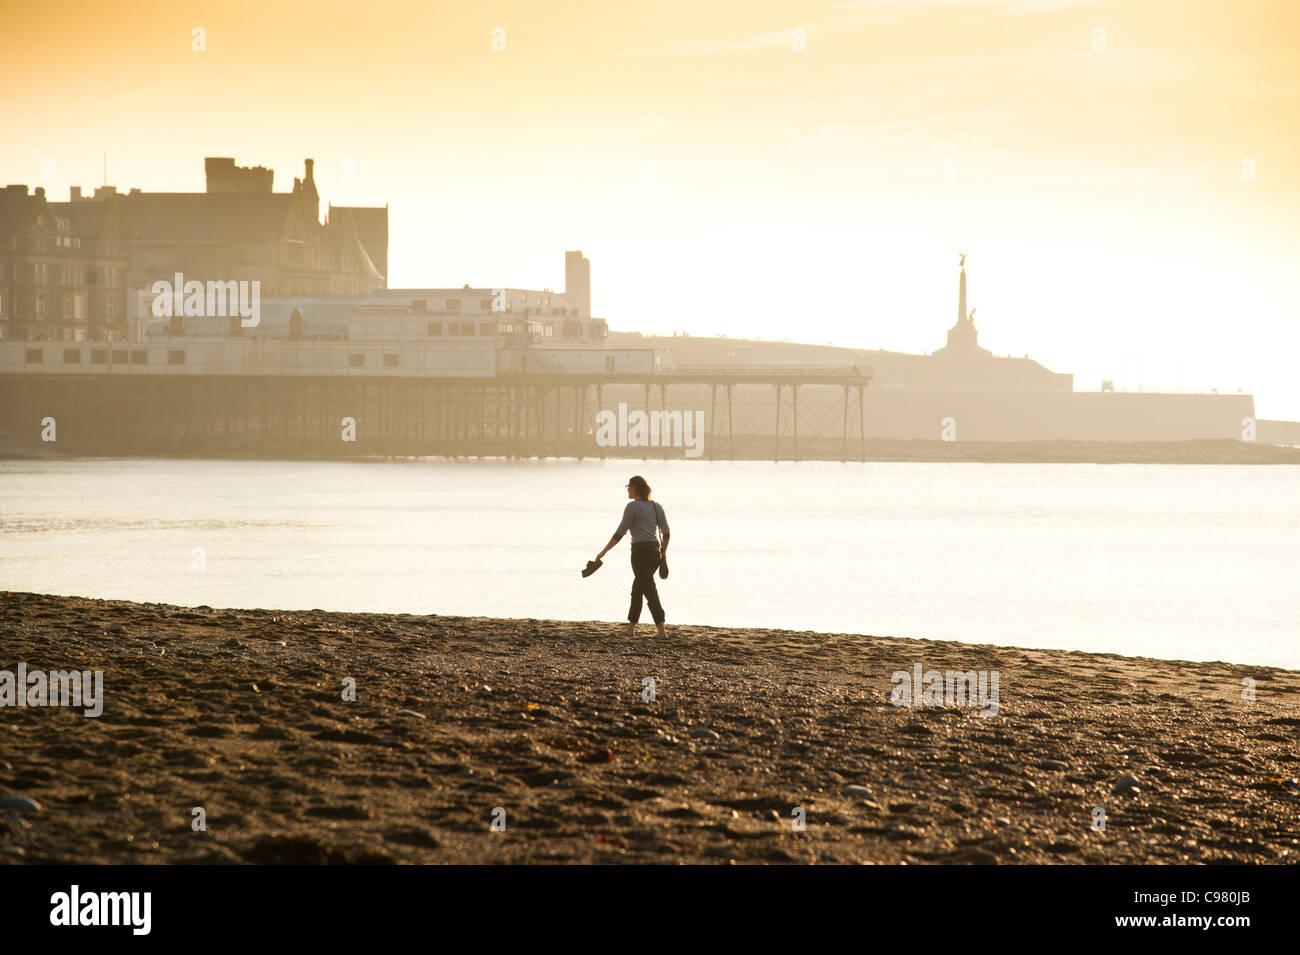 Eine Frau barfuss am Strand und genießen einen sehr warmen November Nachmittag, Aberystwyth Ceredigion Wales Stockbild